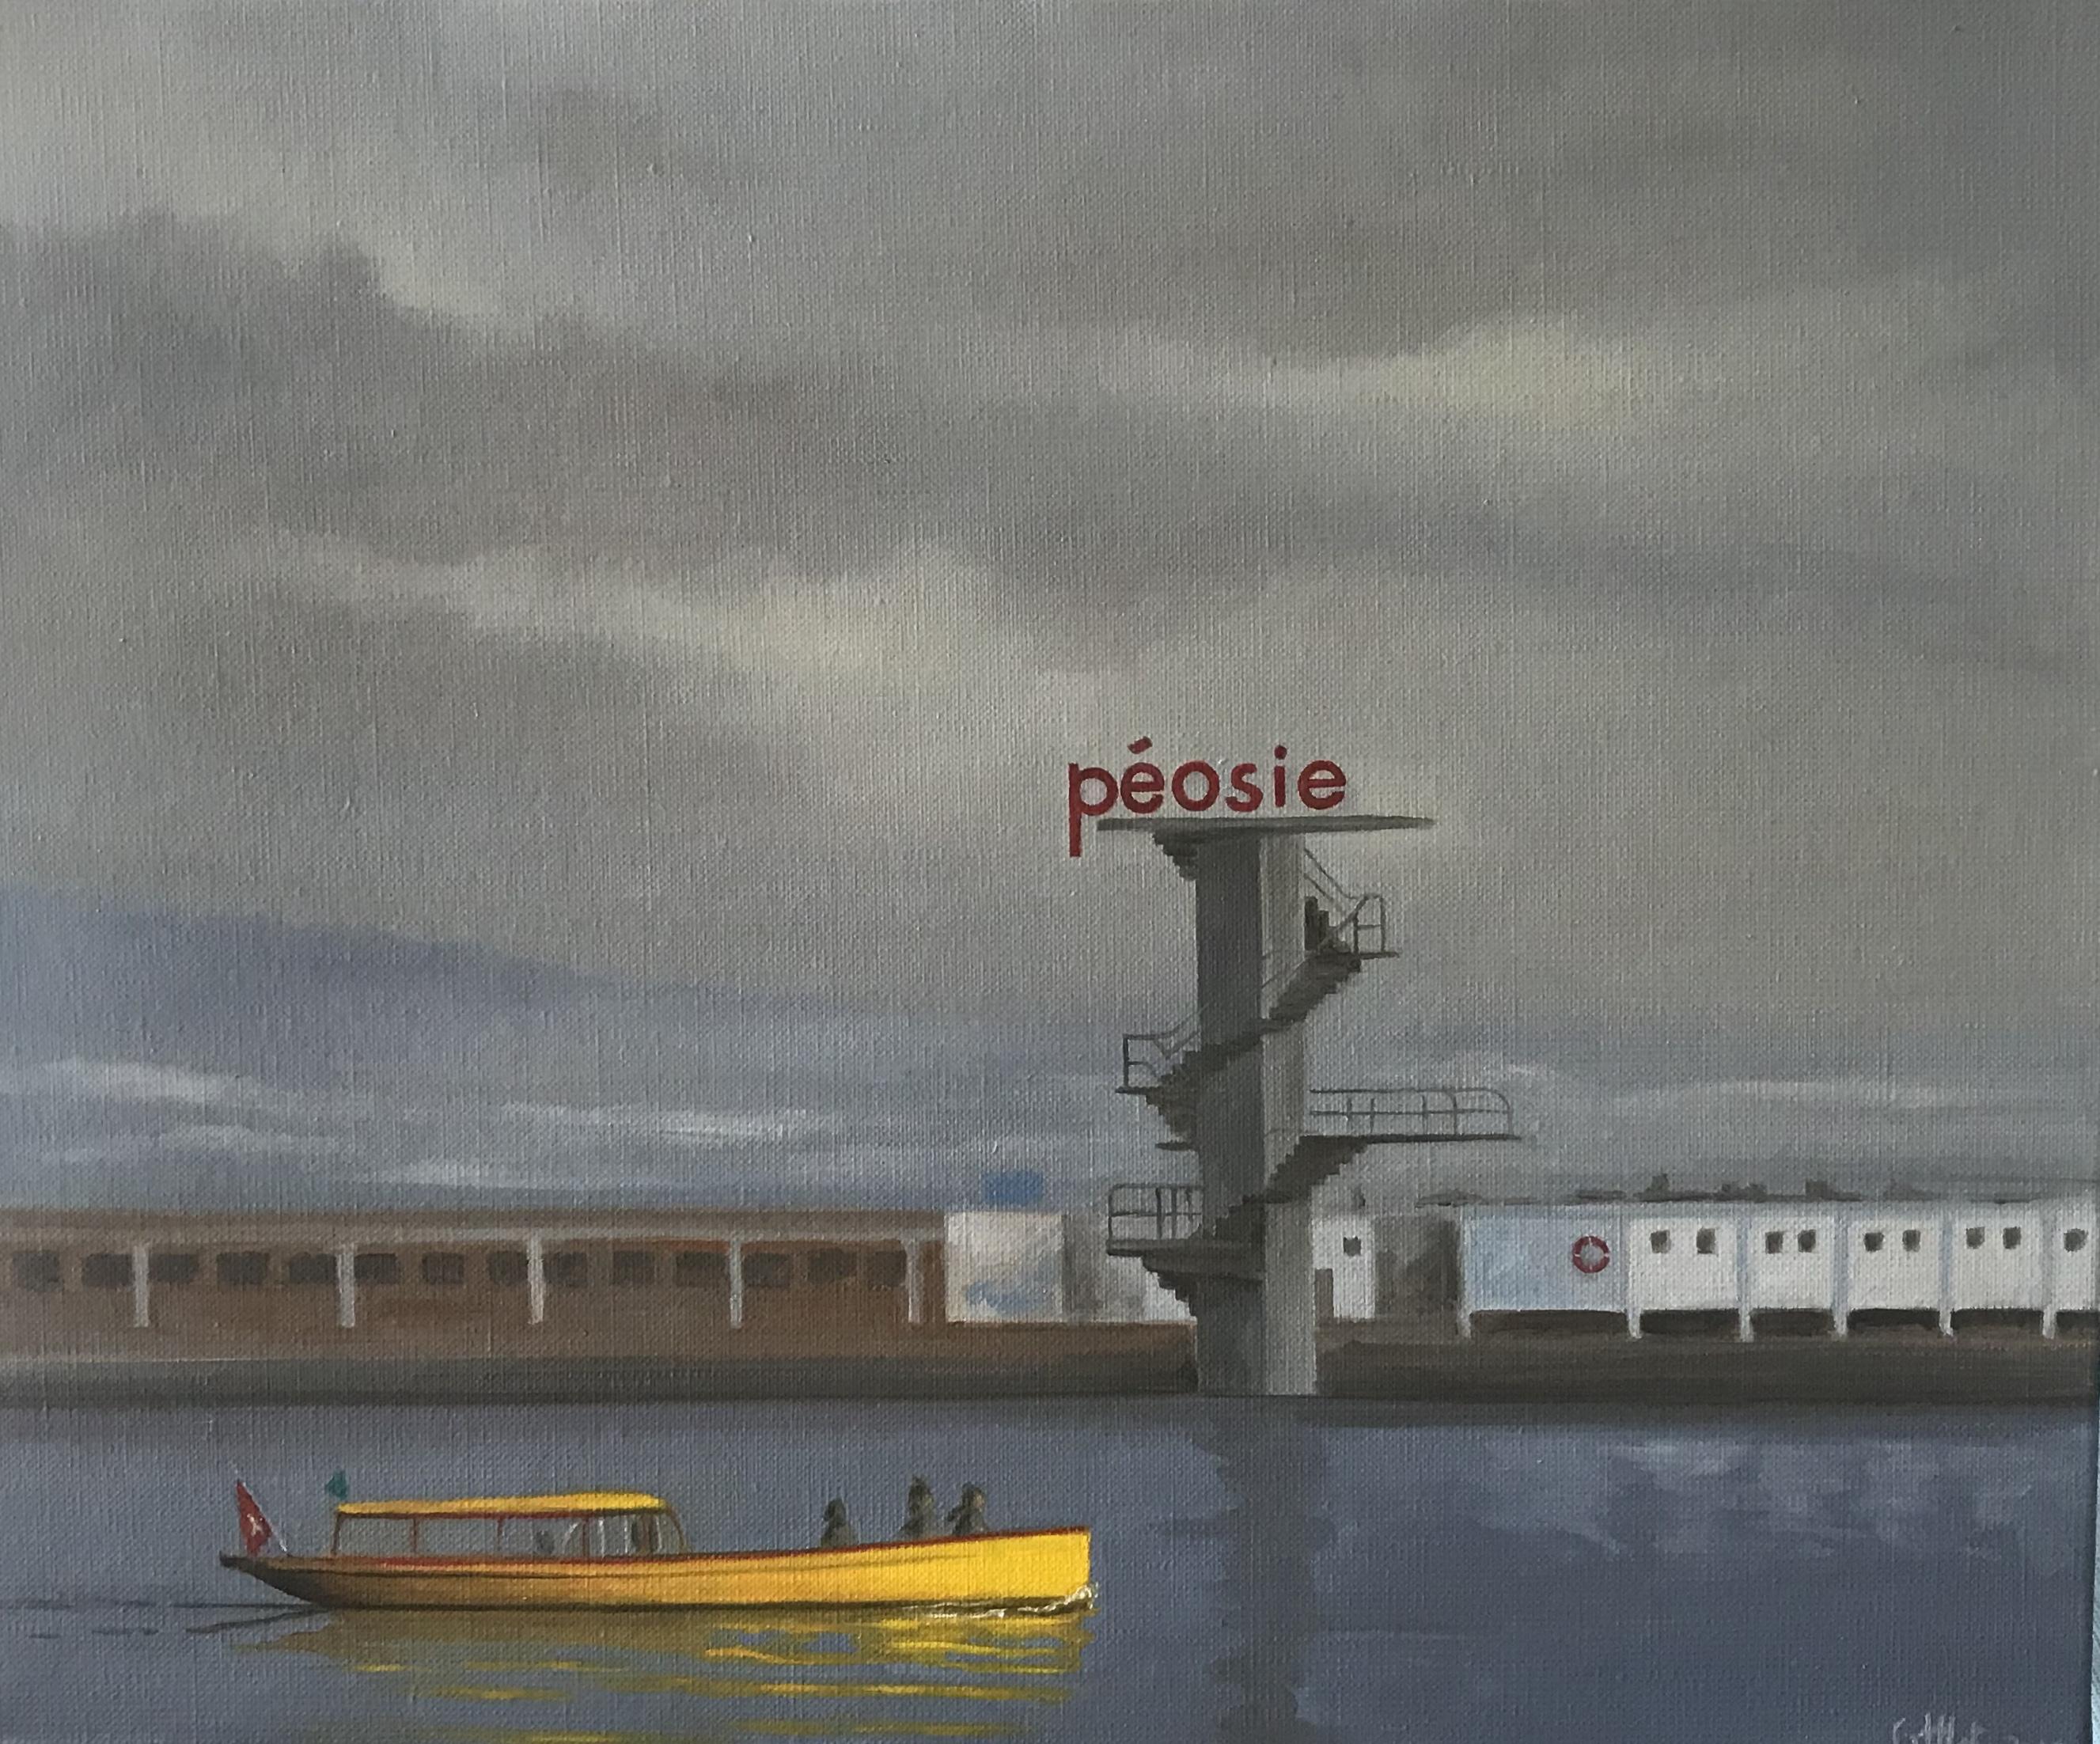 Péosie